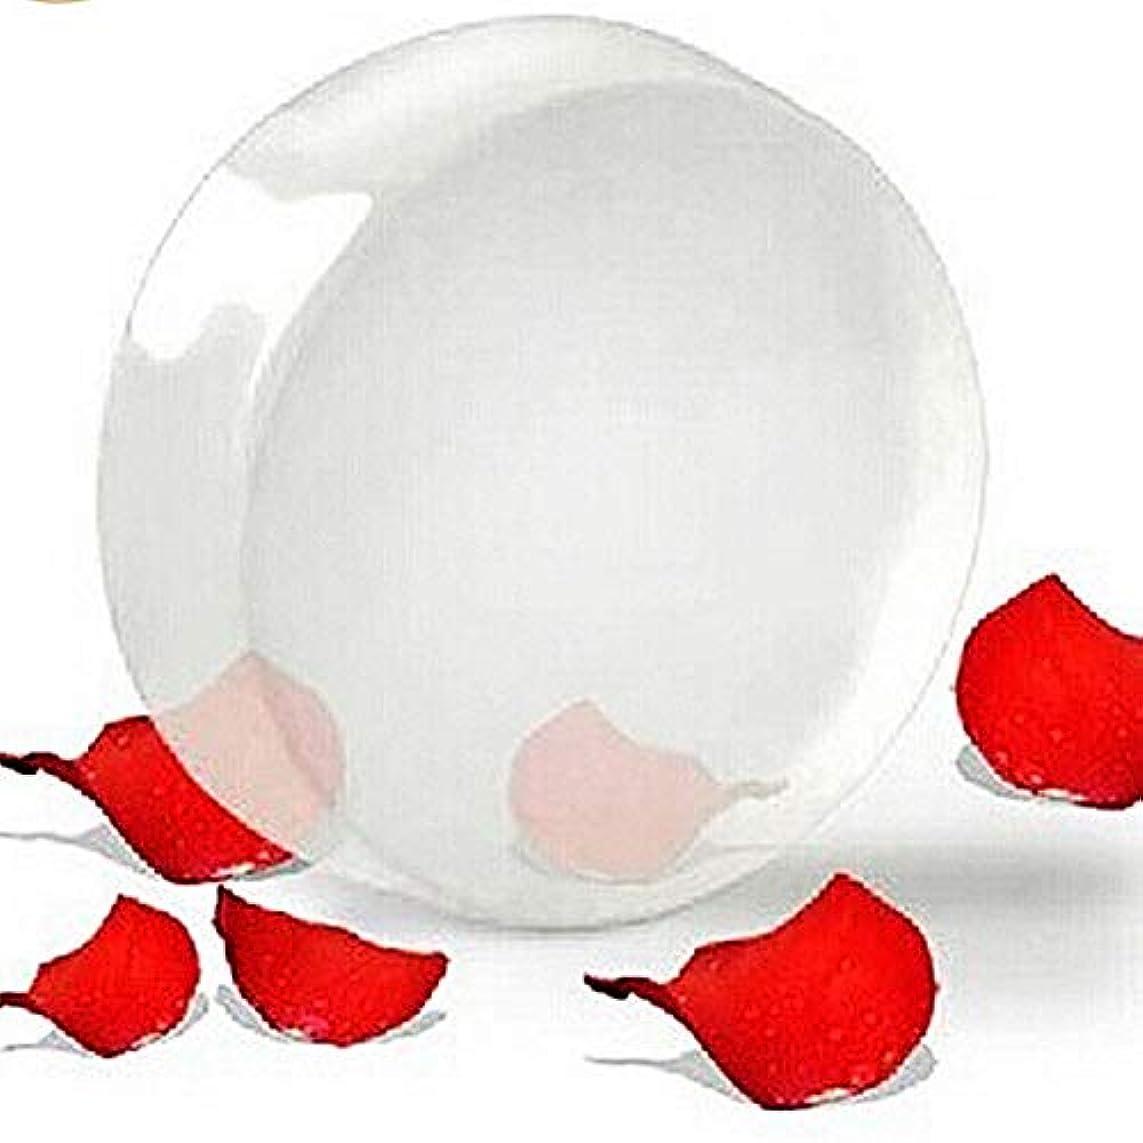 腹痛市民軽蔑RedPegせっけんクリスタル乳首親密なプライベート漂白唇スキンボディピンクホワイトニングアメージング